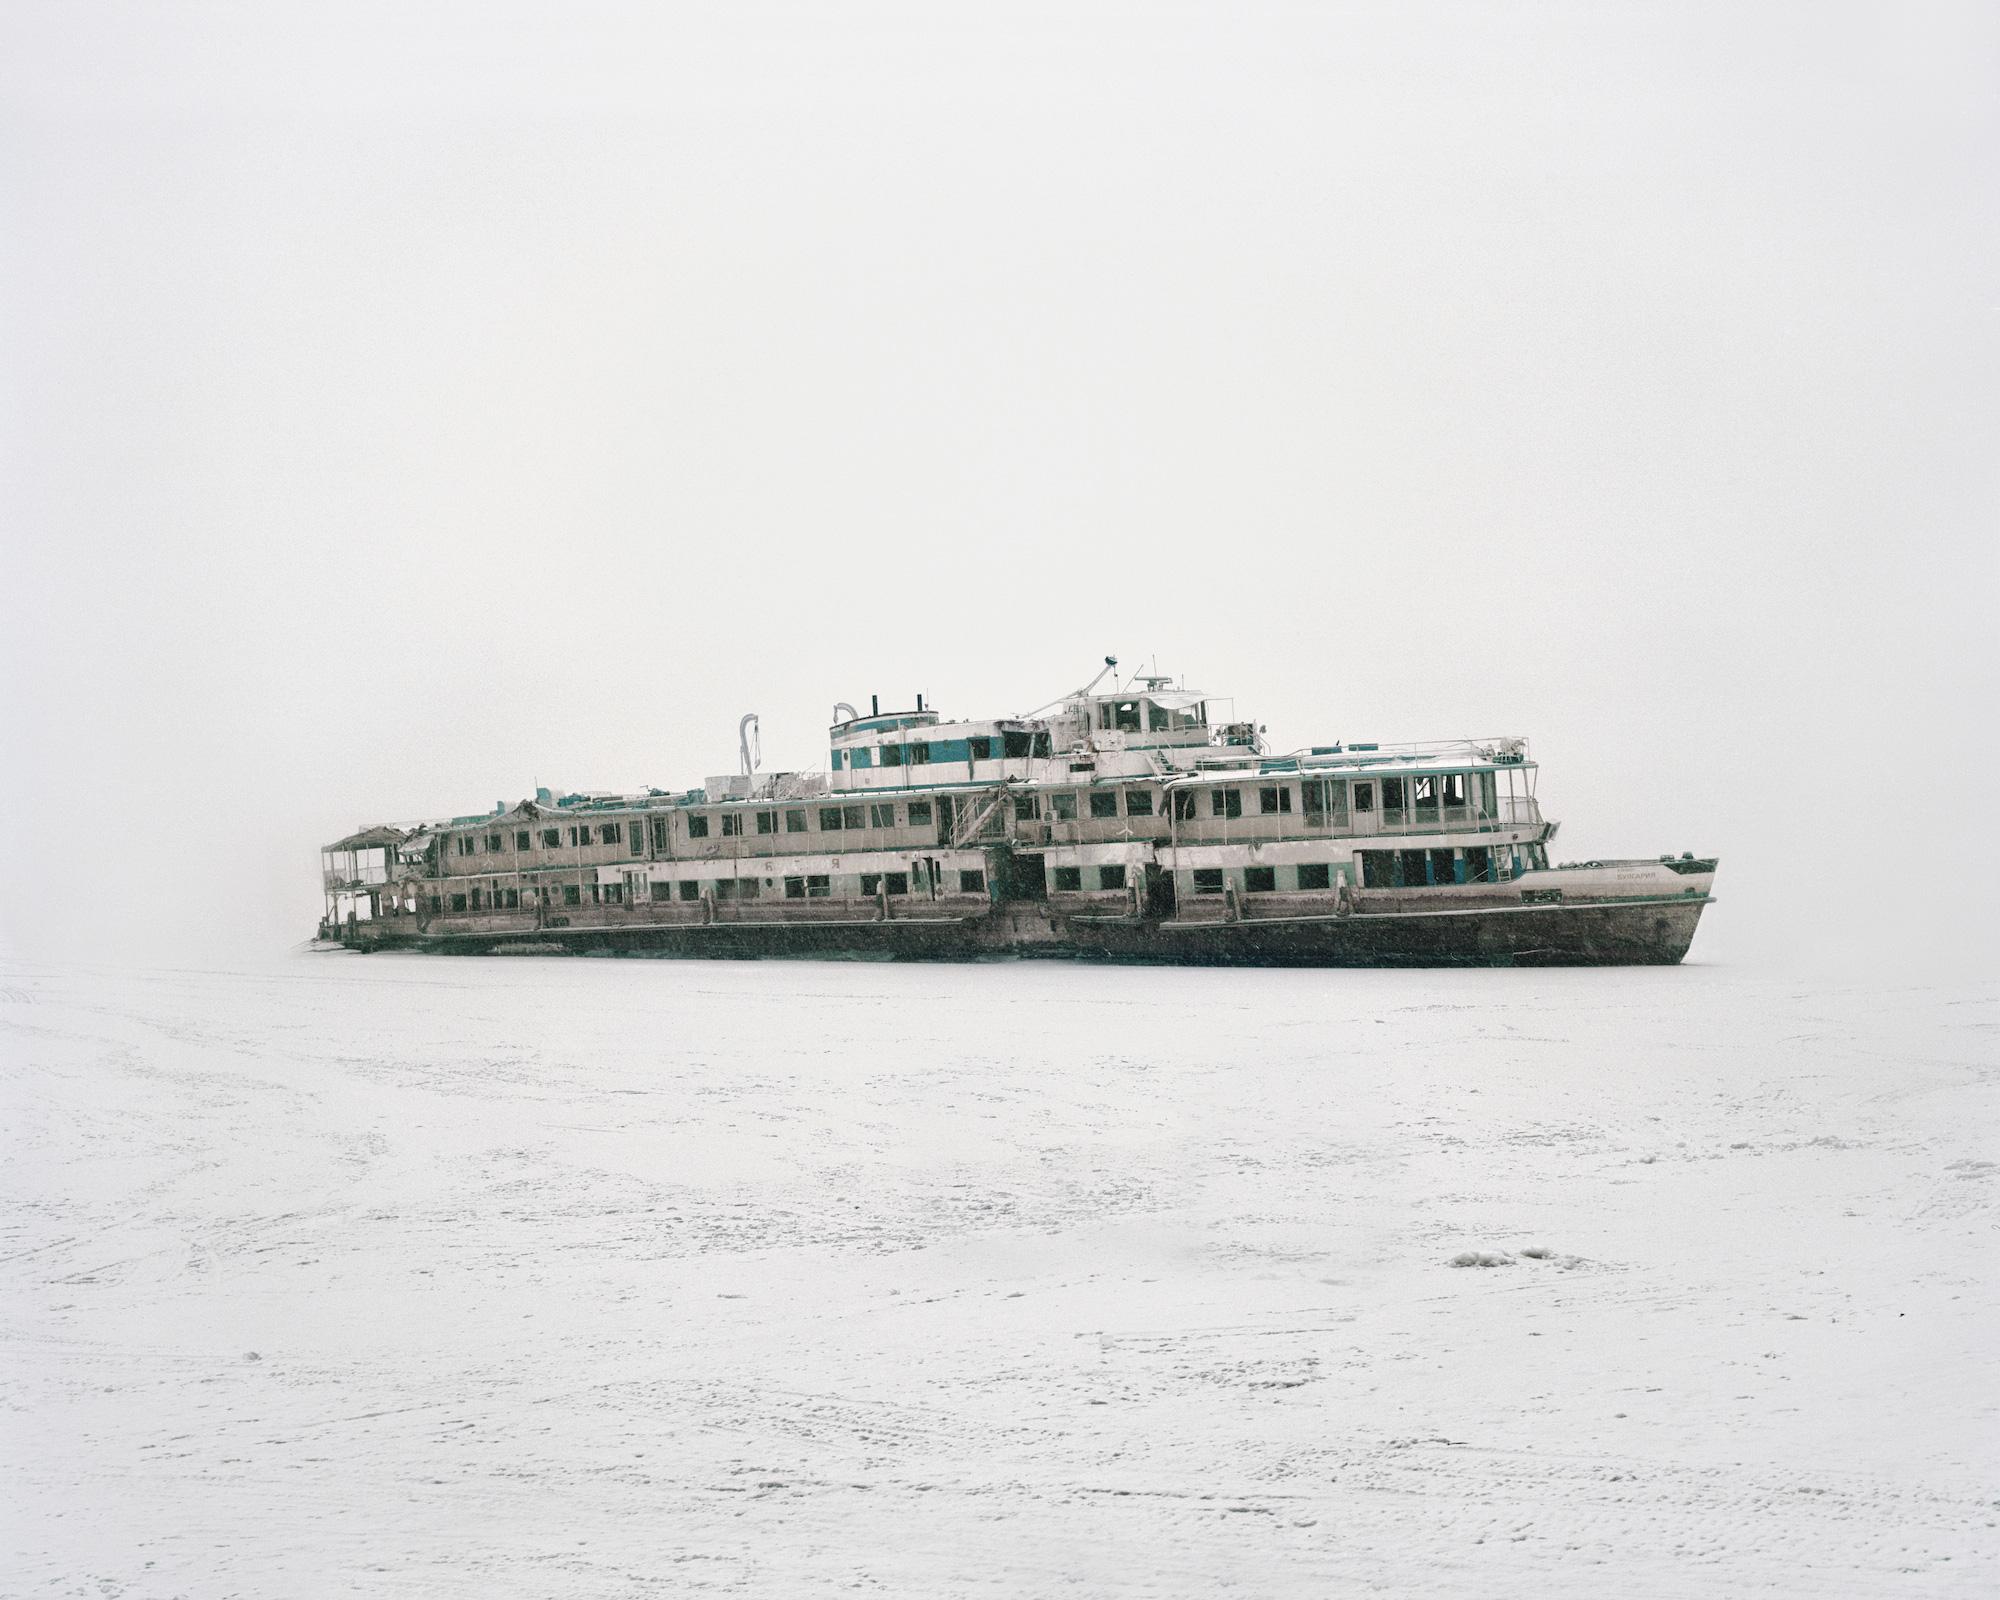 """Geborgenes Wrack des Passagierschiffs """"Bulgaria"""", bei dessen Untergang 122 Menschen ertrunken sind – Republik Tatarstan, 2014"""